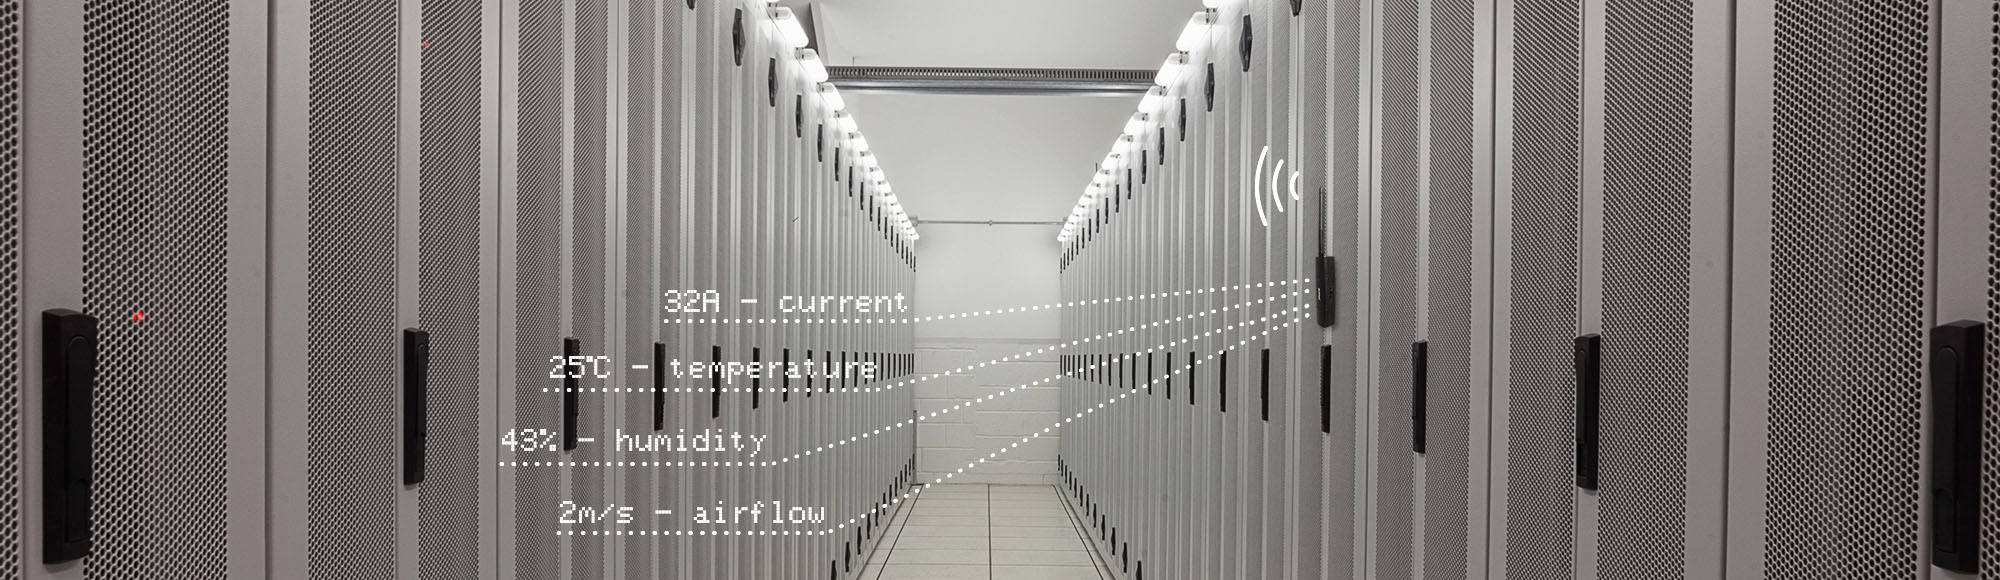 smart sensor datacenter banner